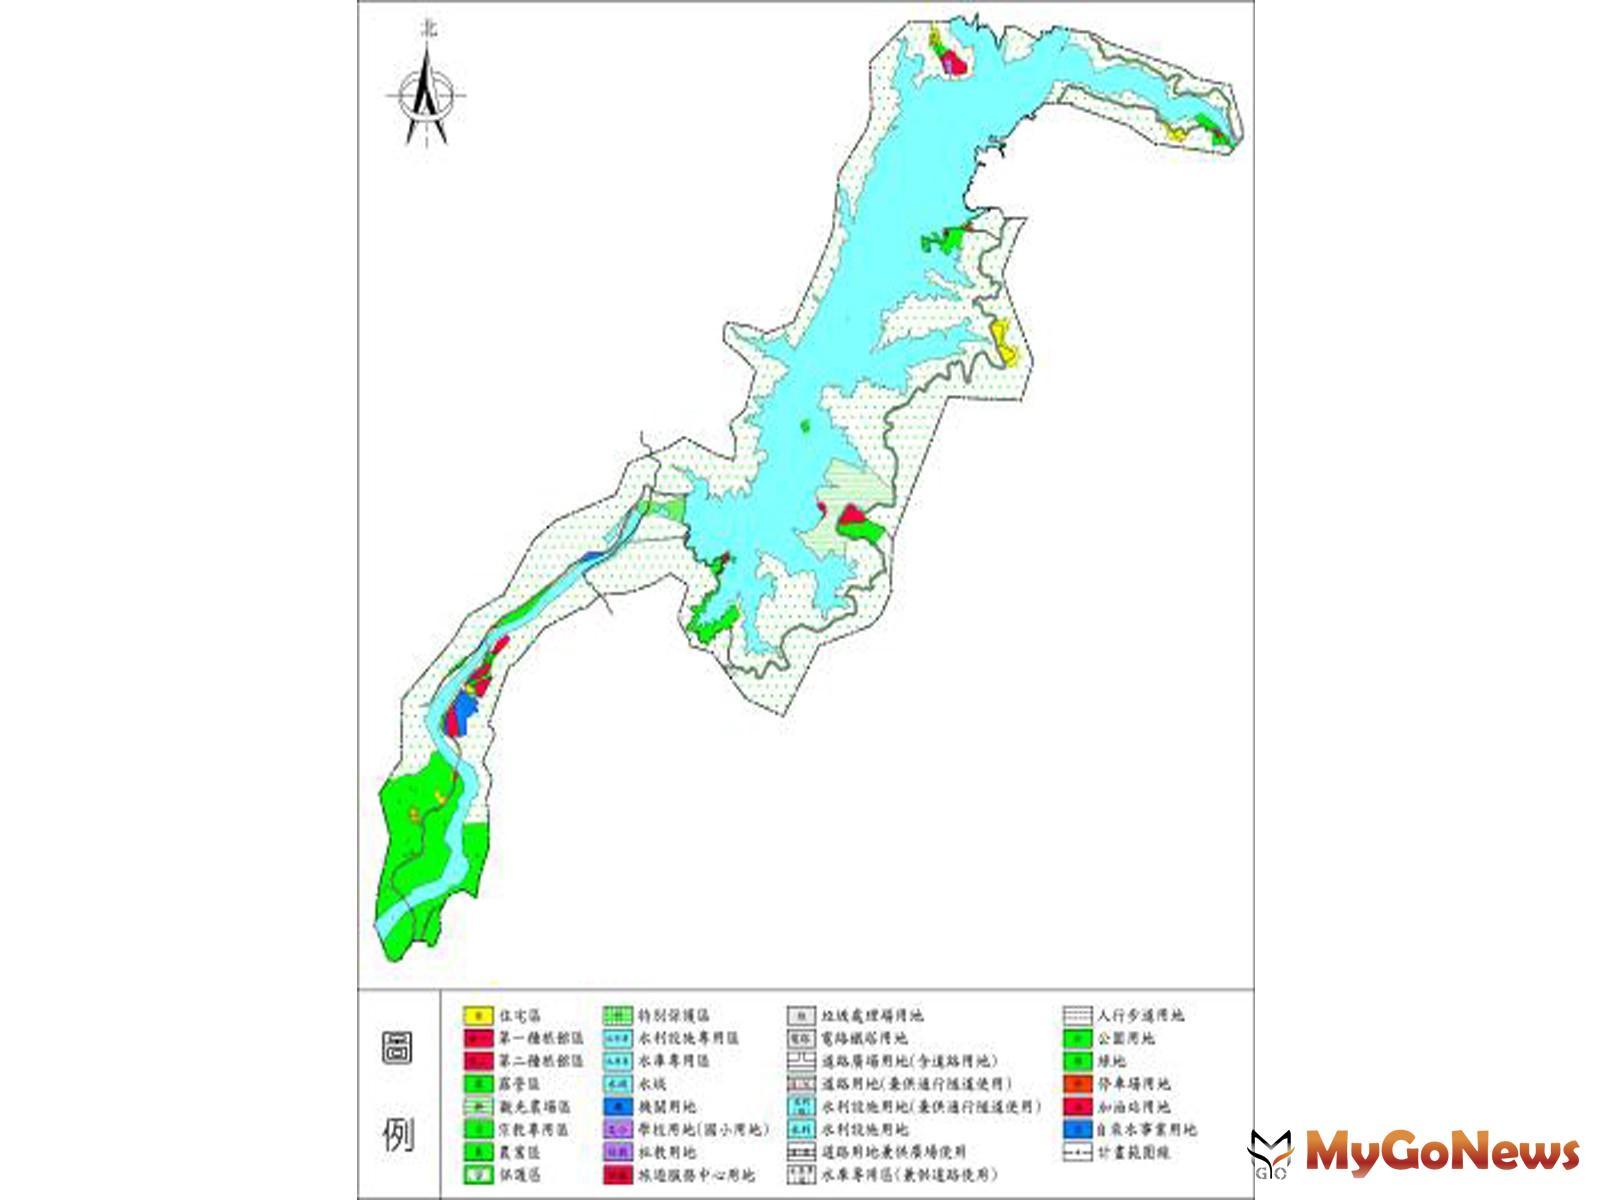 曾文水庫特定區計畫第四次通盤檢討第一階段於2021年9月14日發布實施(圖/台南市政府) MyGoNews房地產新聞 區域情報